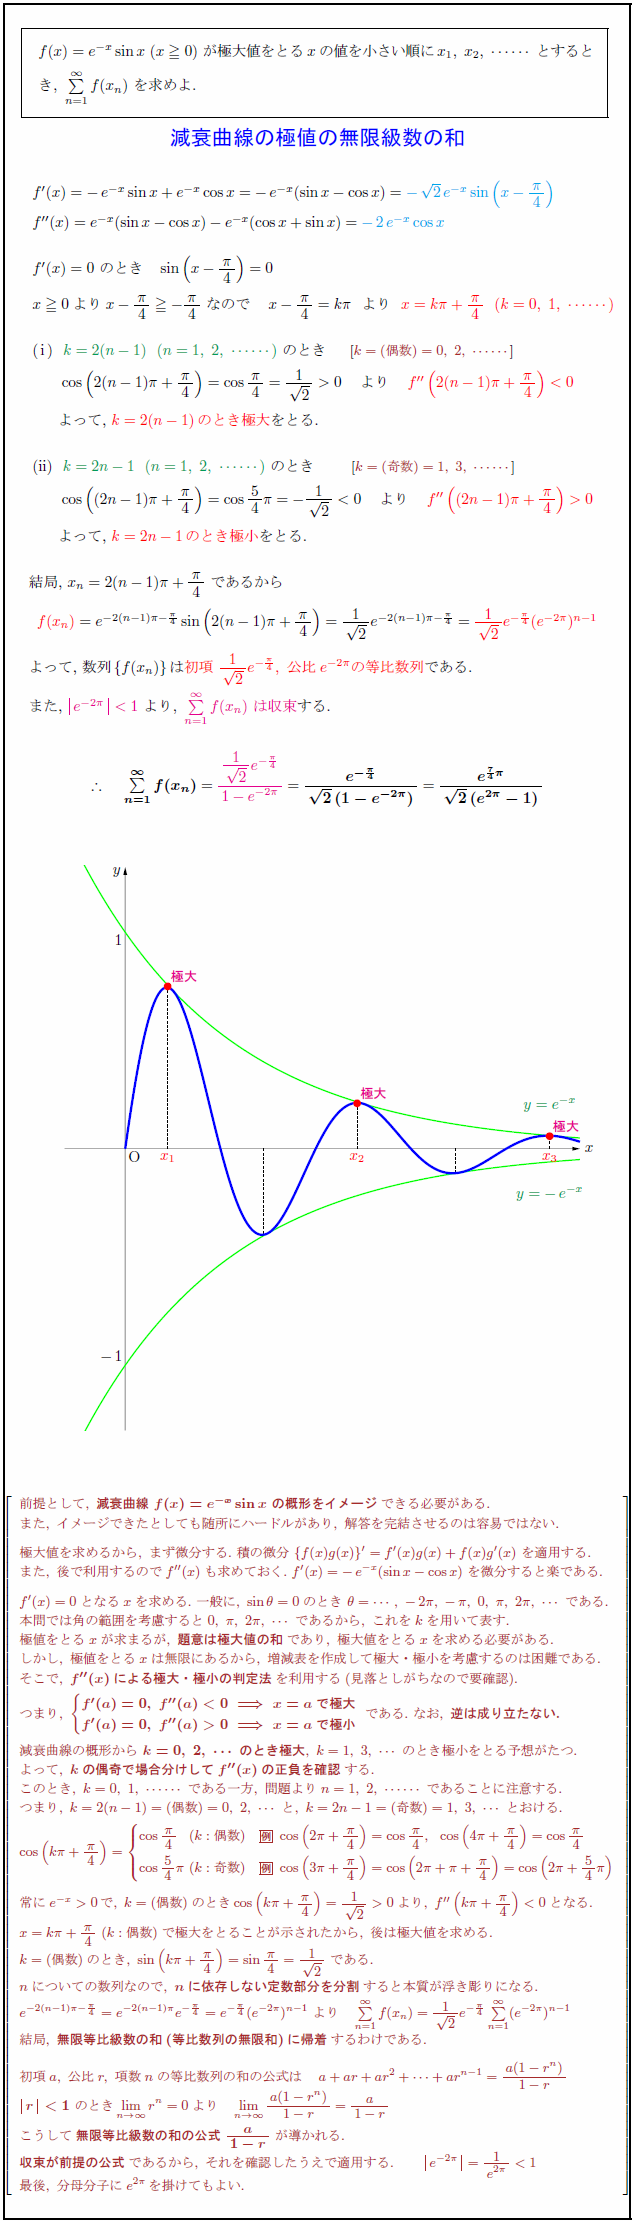 decay-curve-extremum